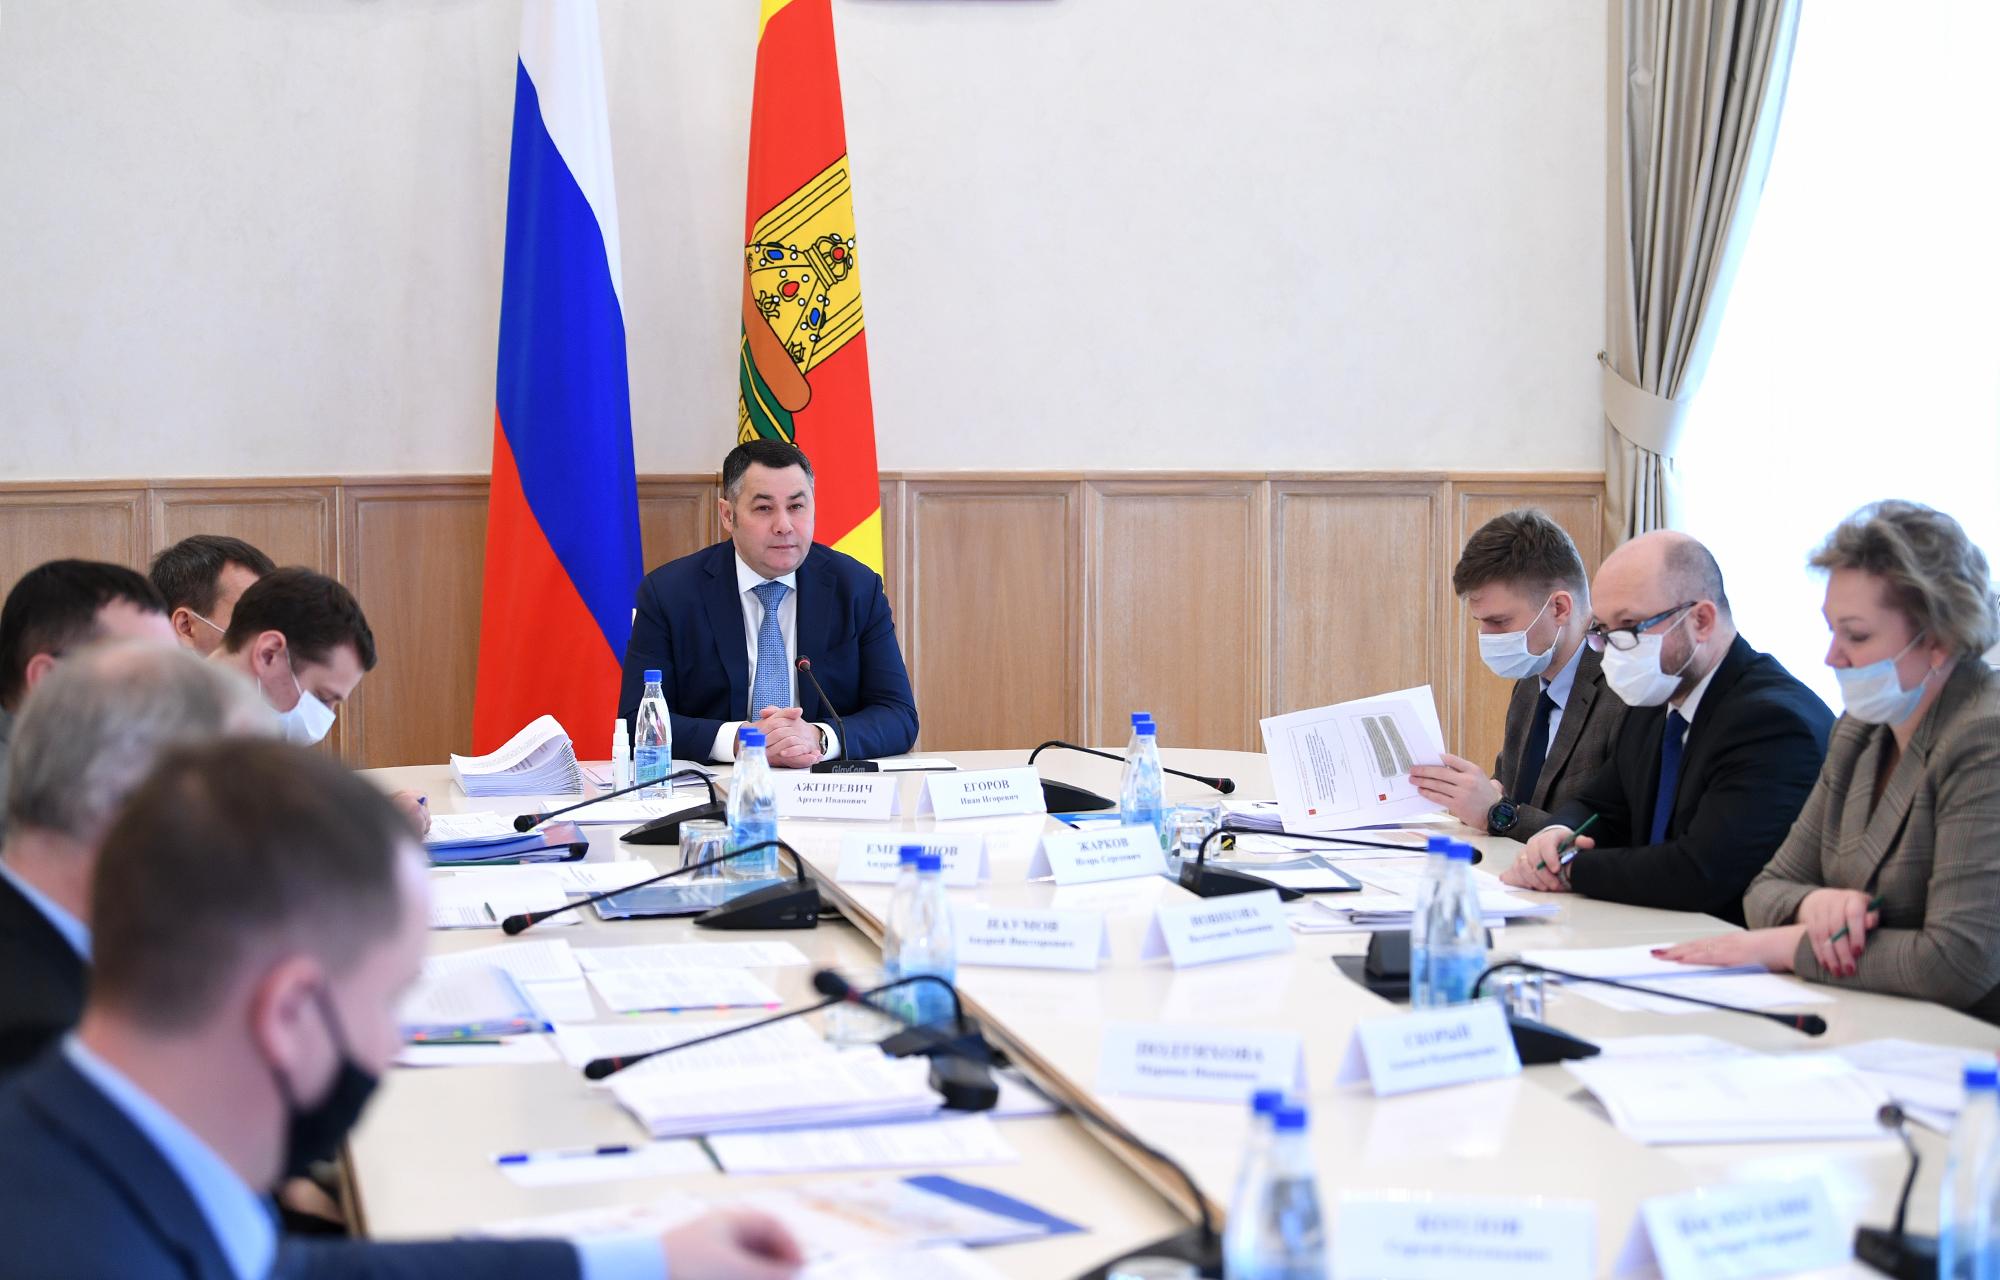 В Тверской области утверждён региональный комплекс мероприятий по активизации трудоустройства населения